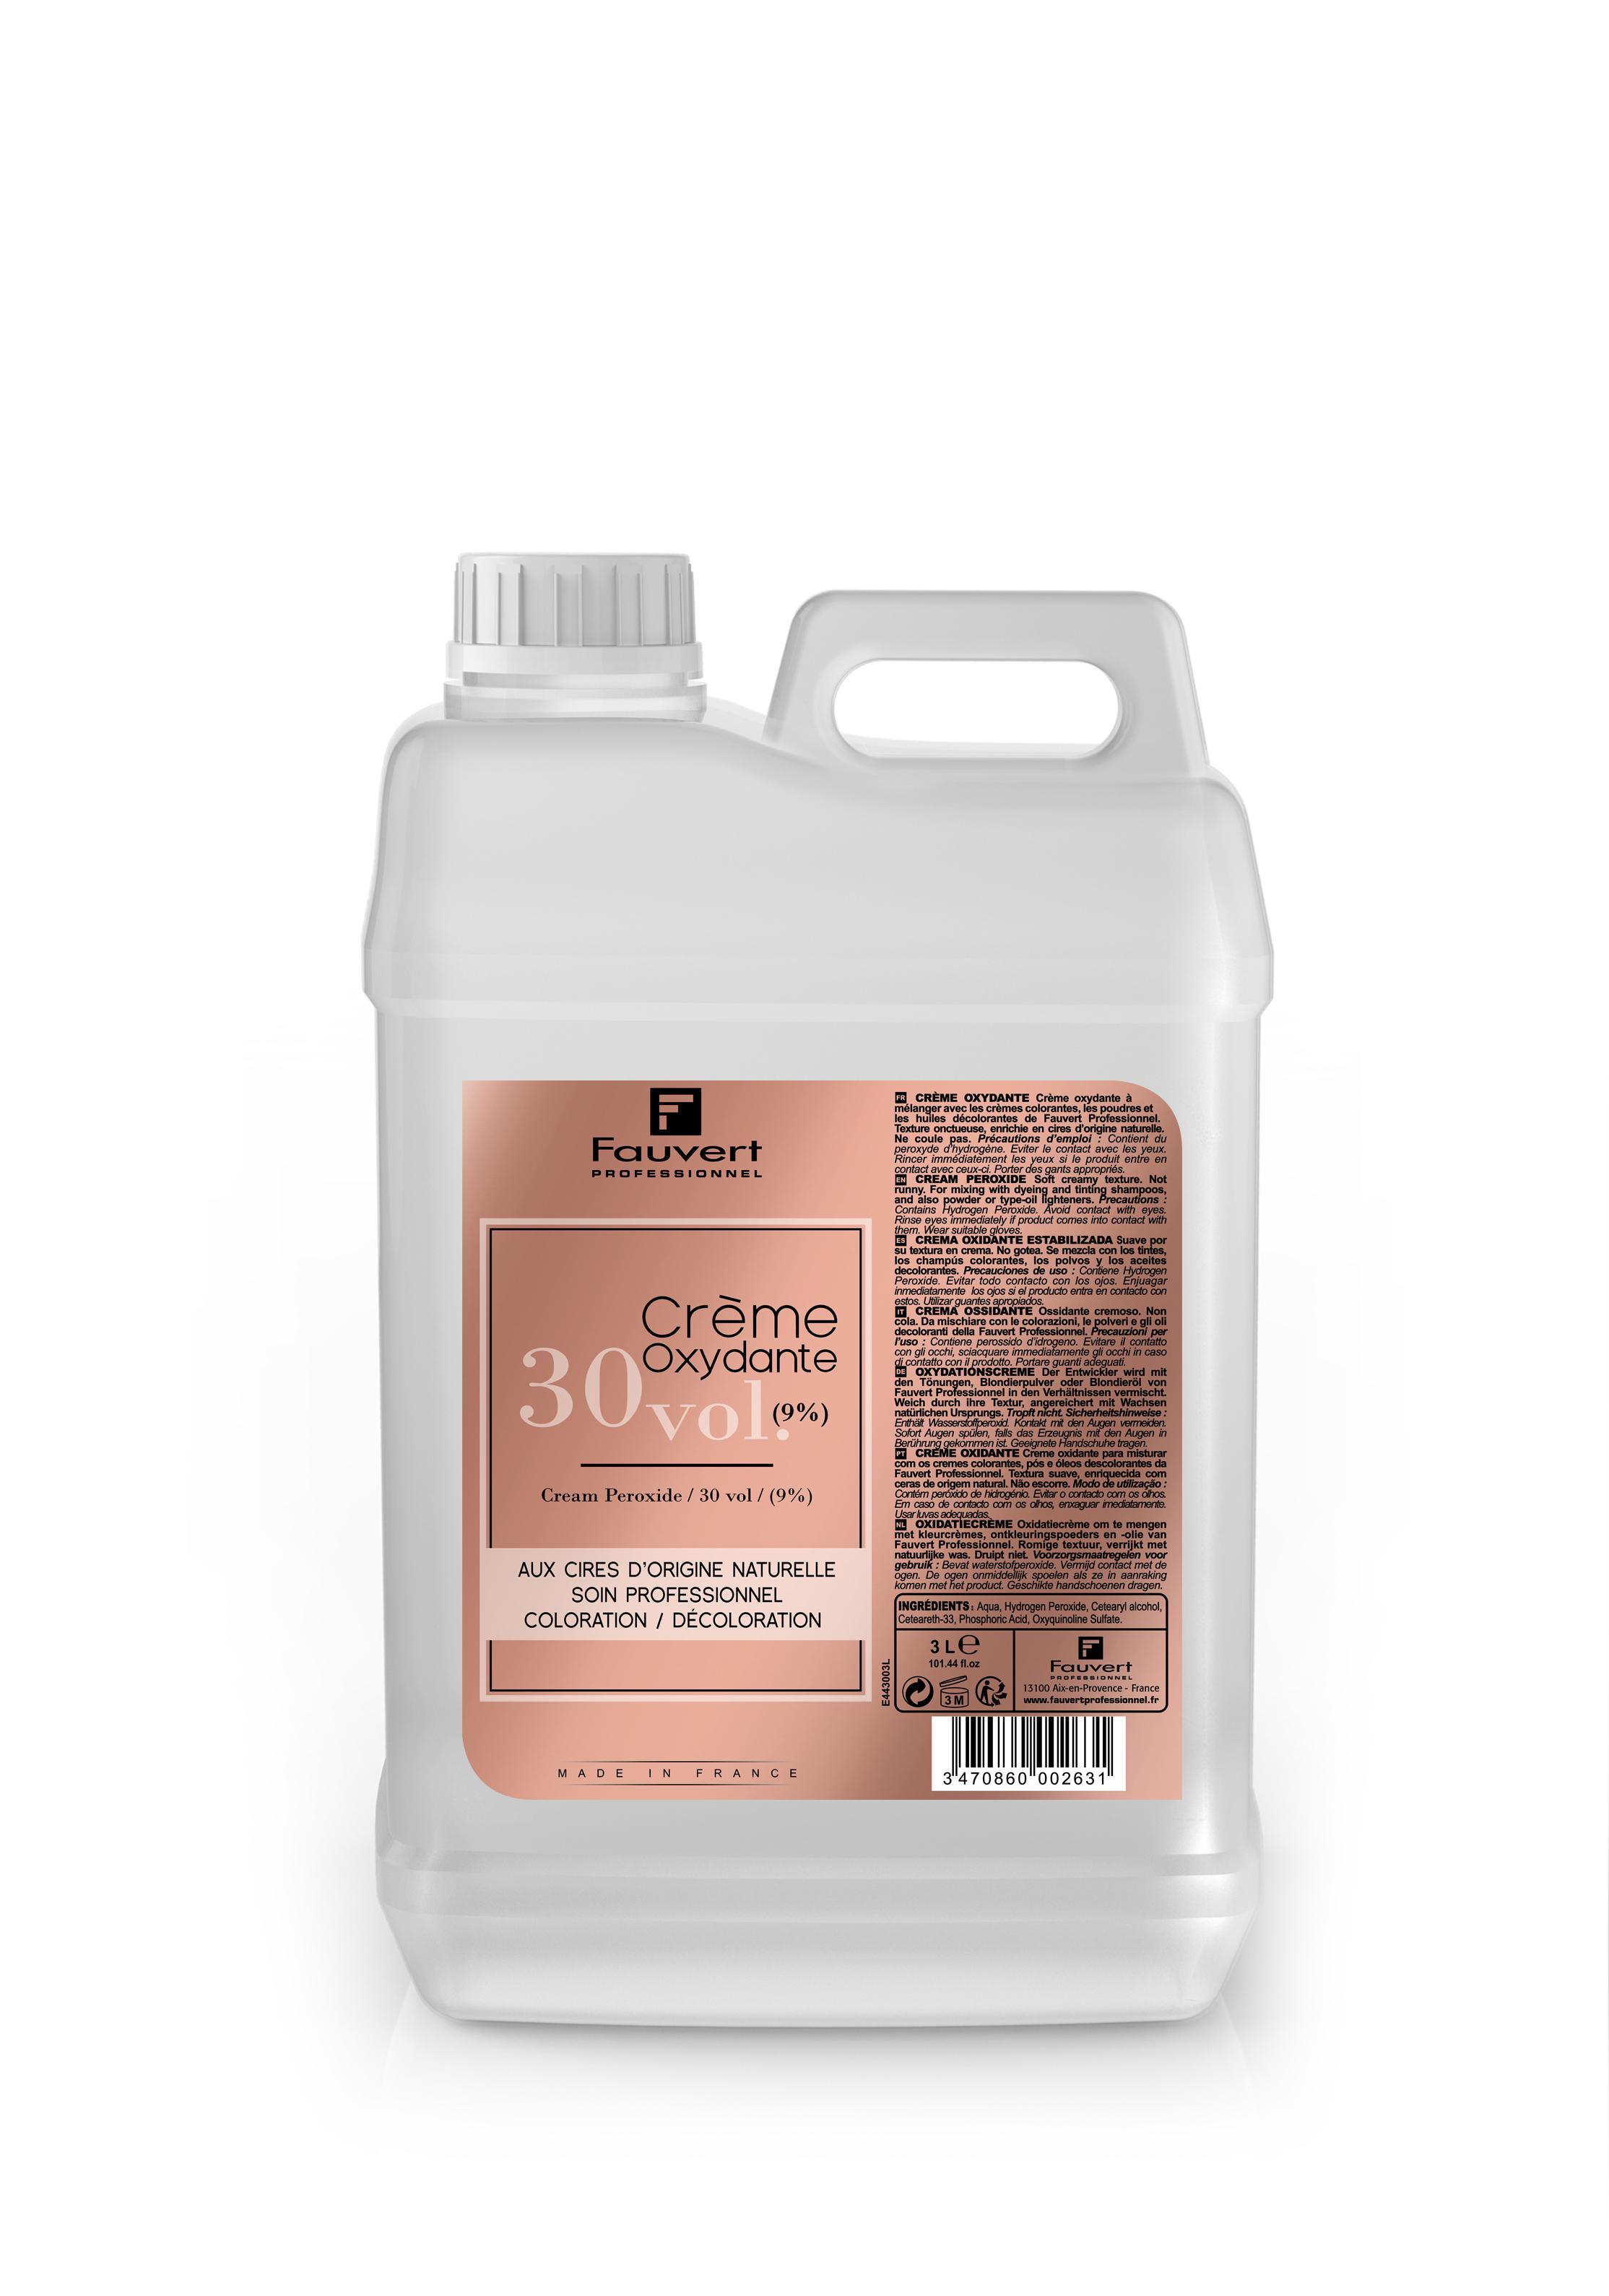 Oxydant – 9% - 3000ml